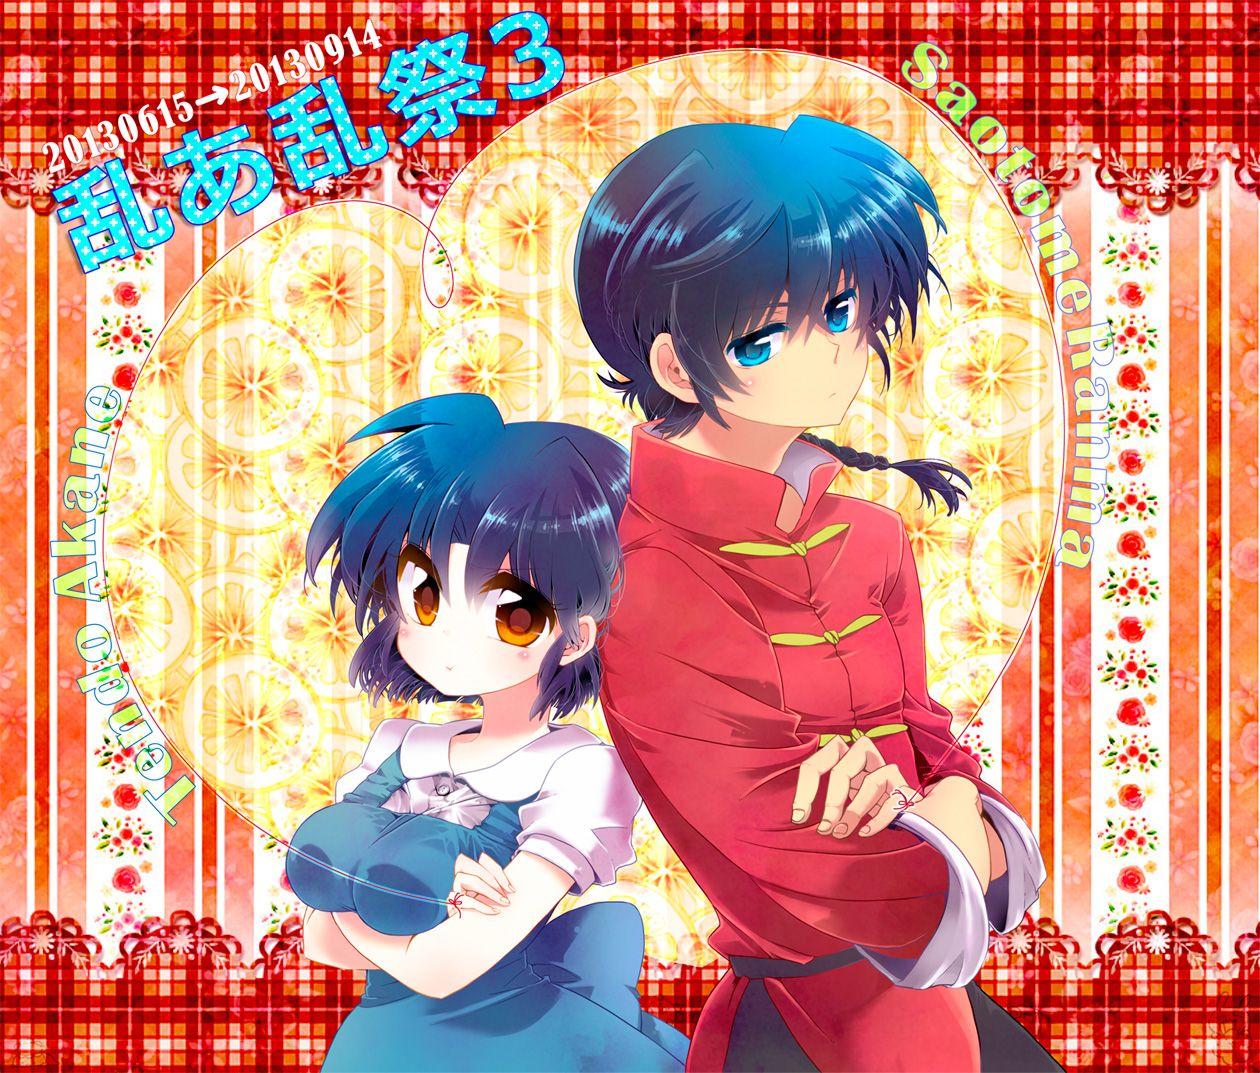 Anime, Anime Love, Anime Couples